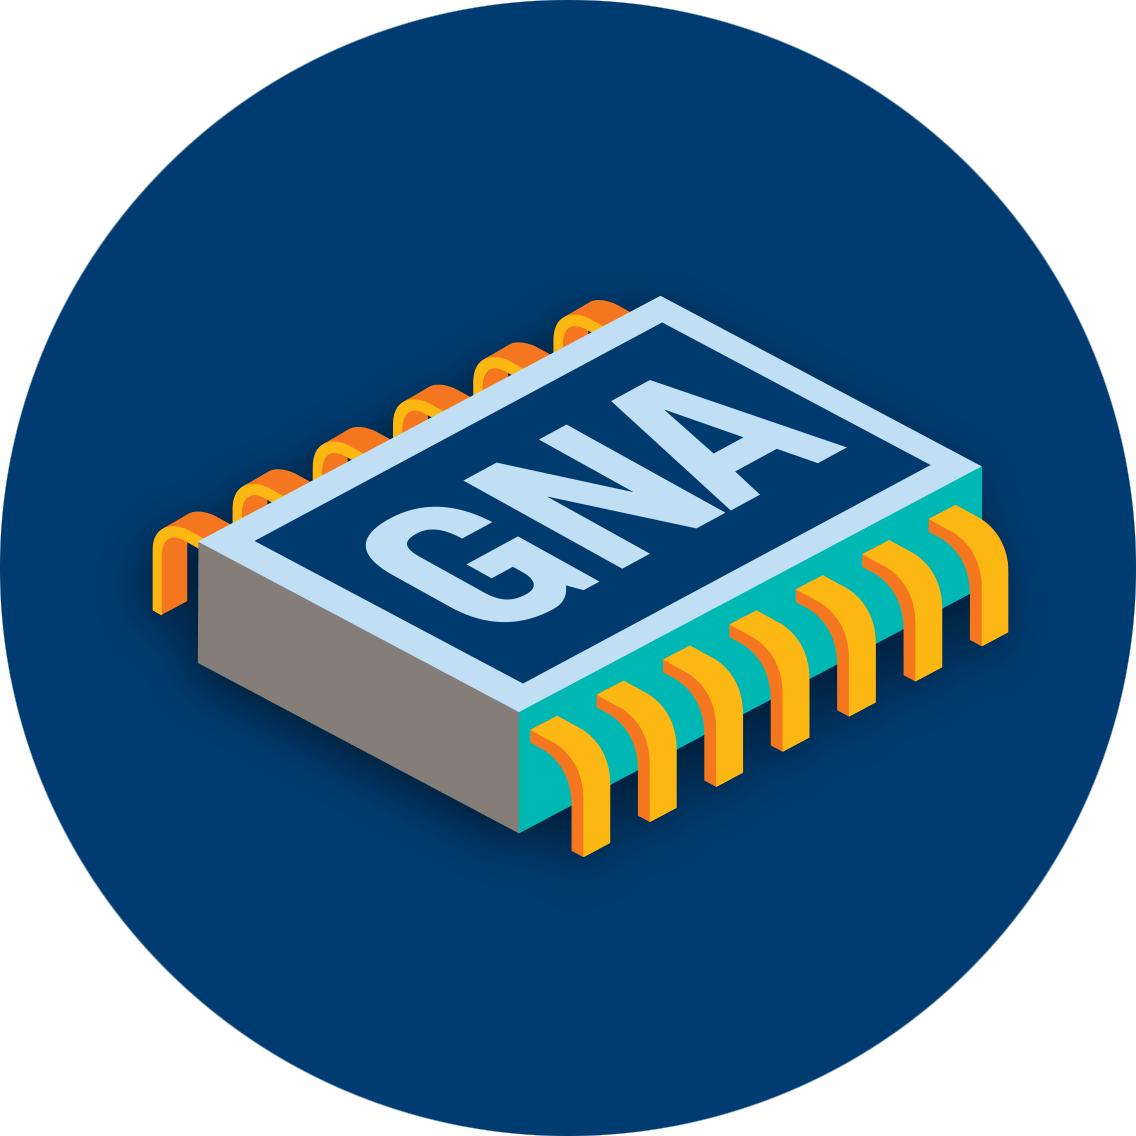 puce d'ordinateur avec GNA imprimé sur le dessus